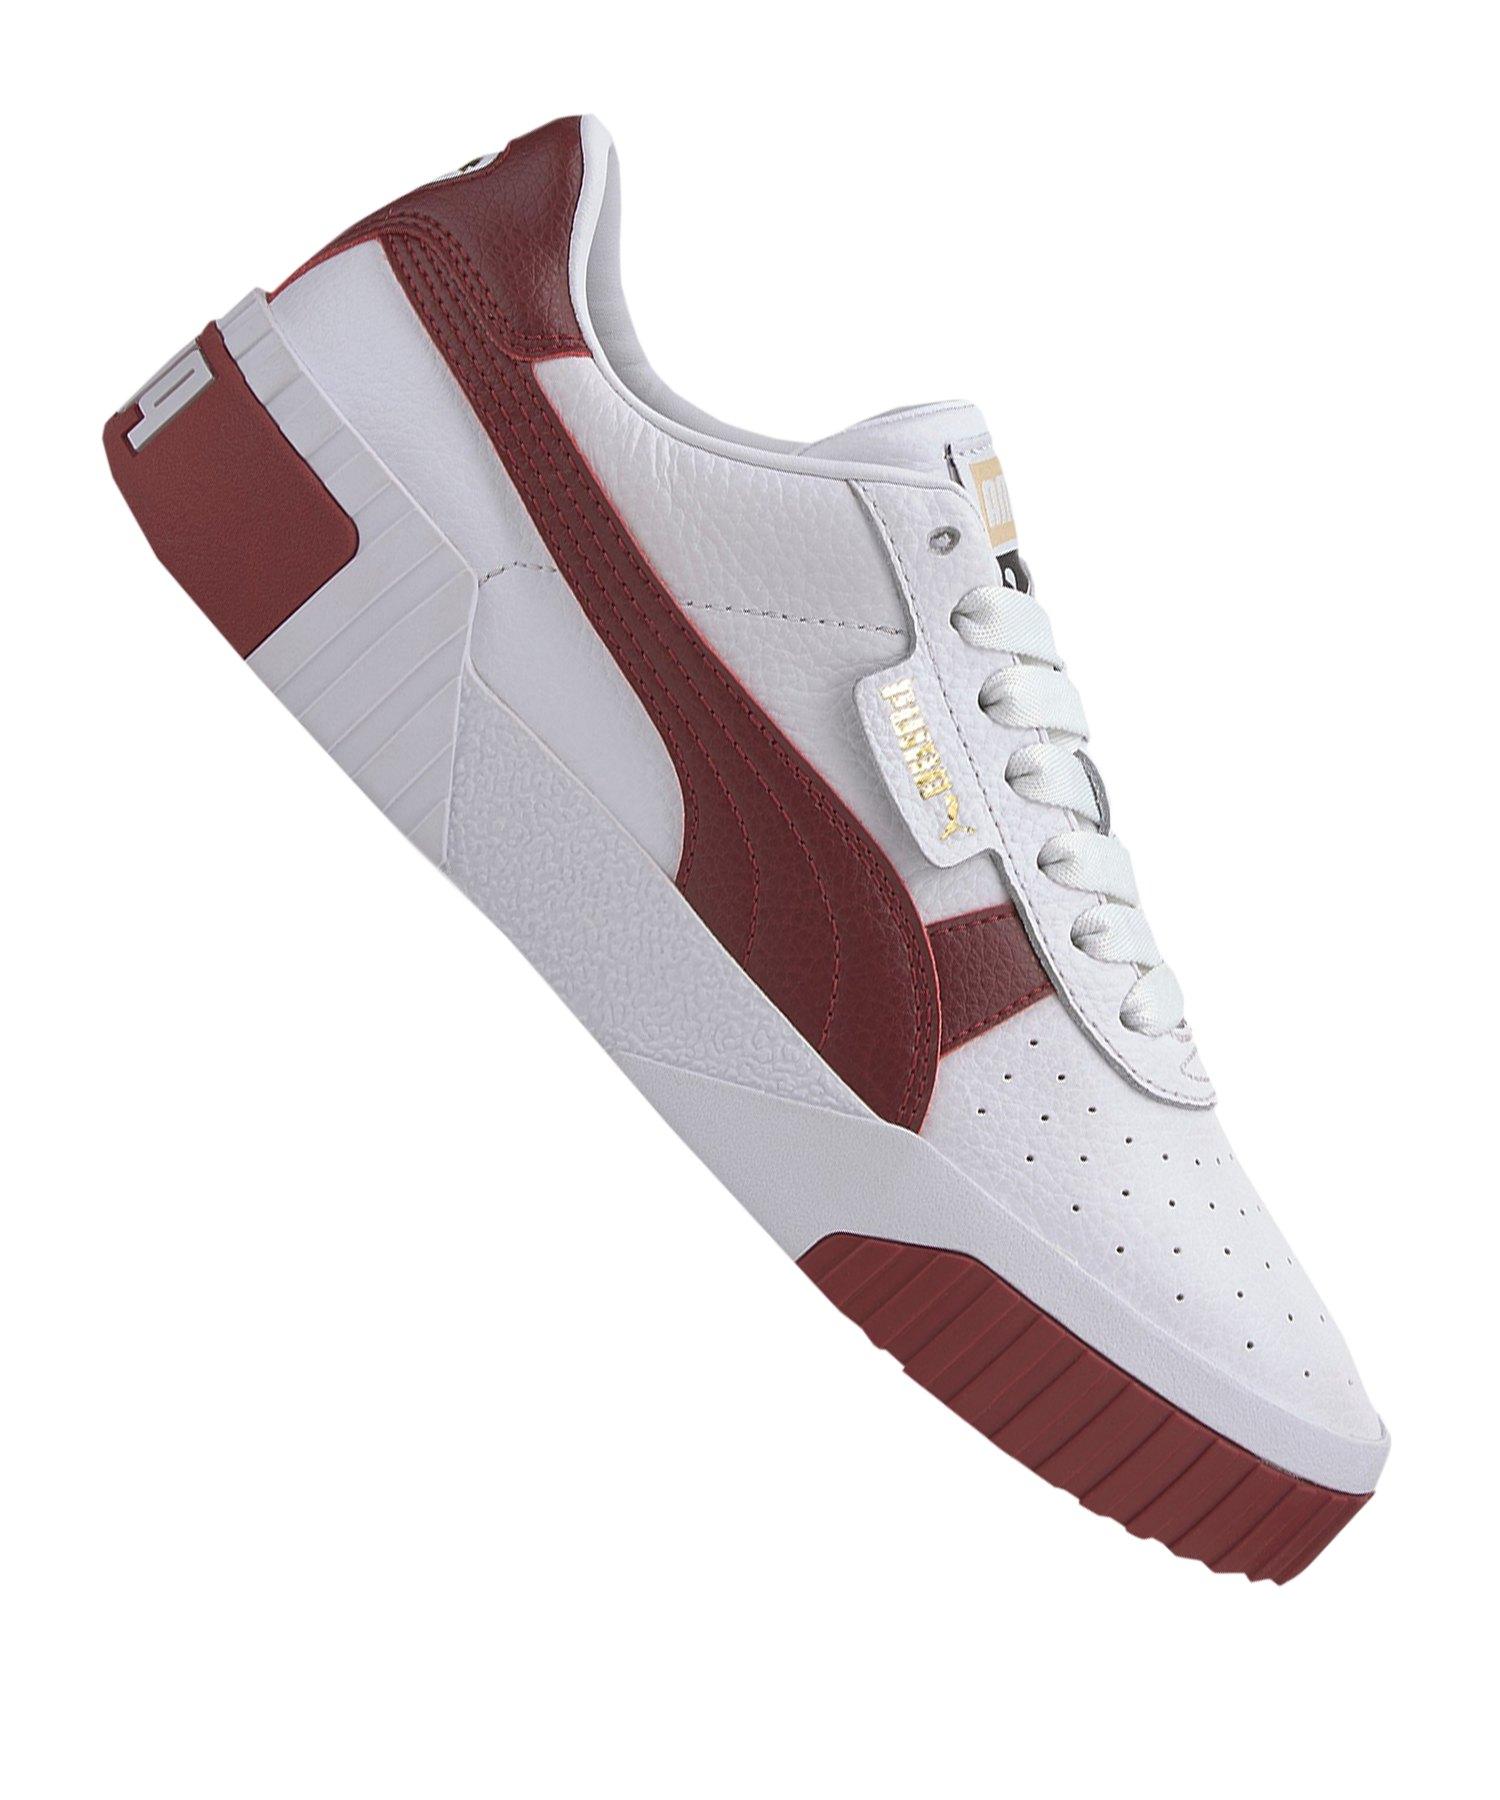 PUMA Cali Sneaker Damen Weiss Rot F14 - weiss